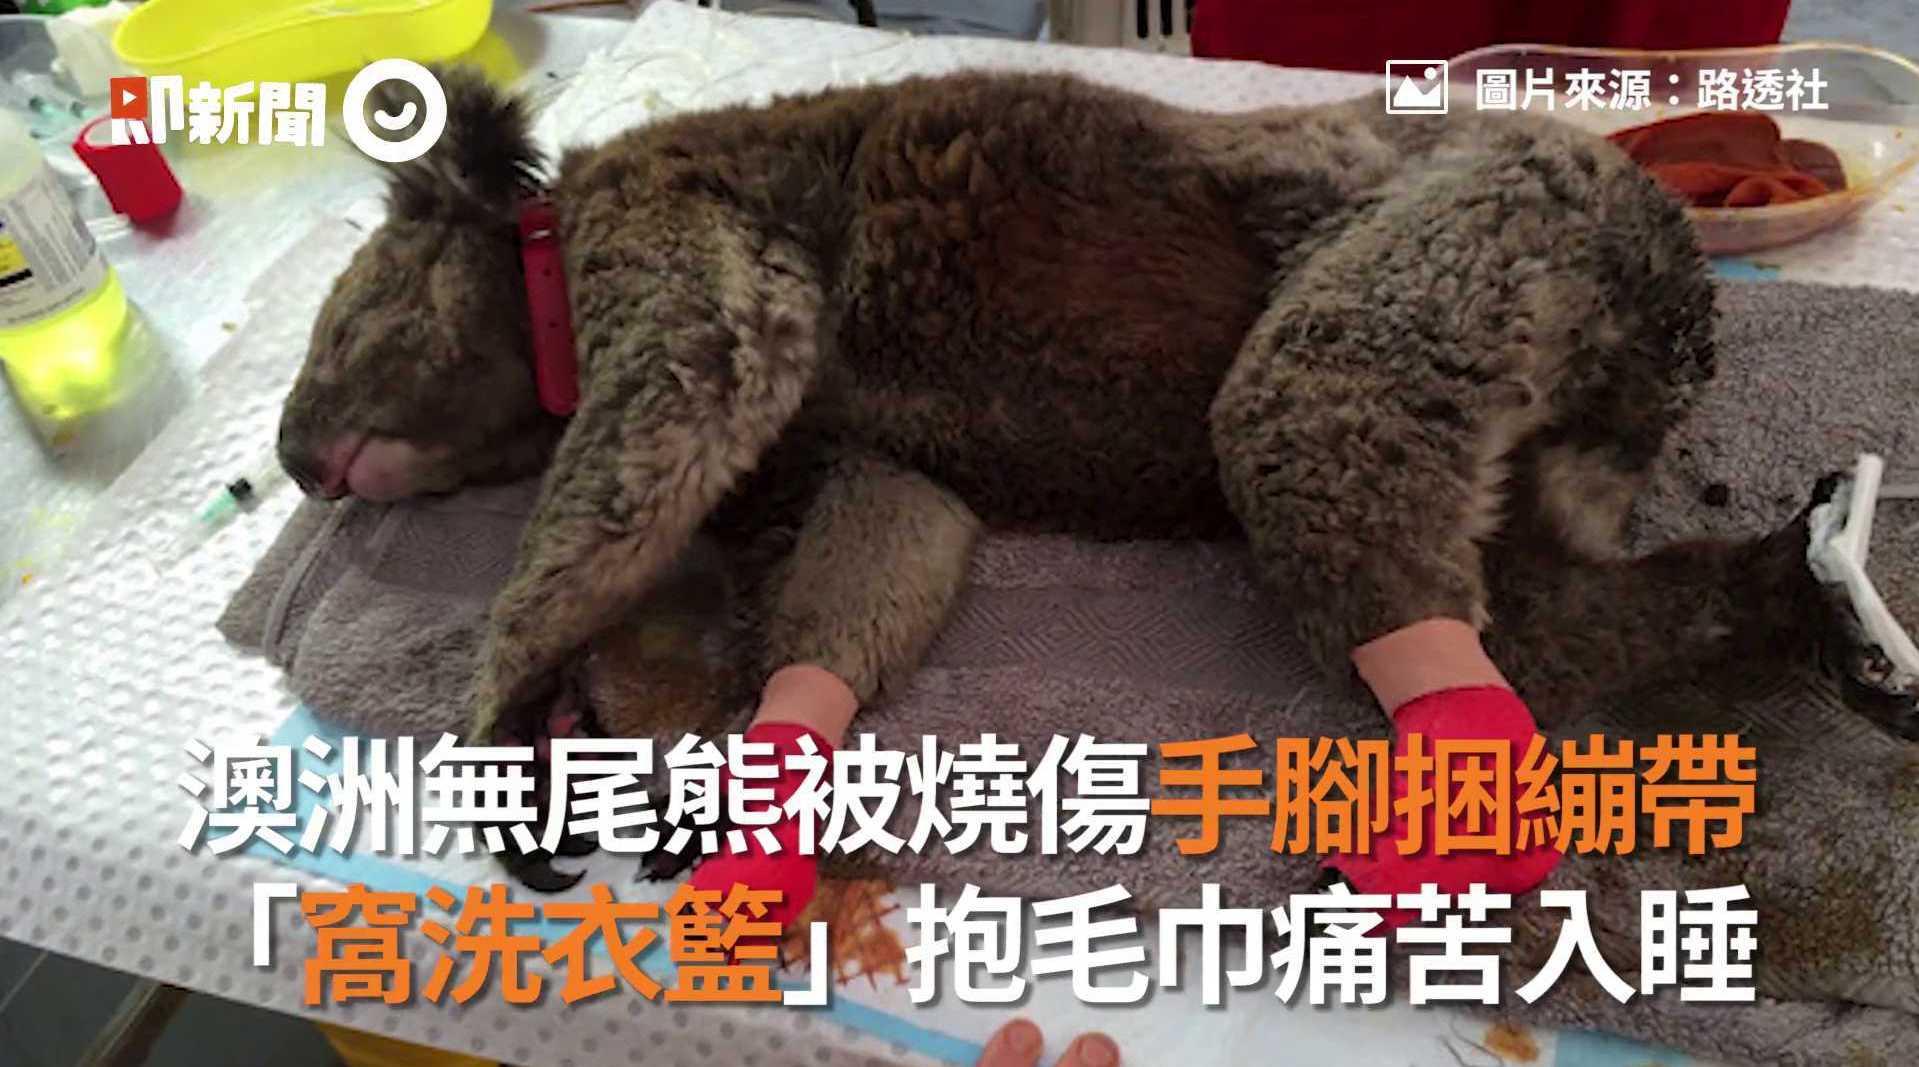 澳洲 考拉 被烧伤 手脚捆绷带「窝洗衣篮」抱毛巾入睡